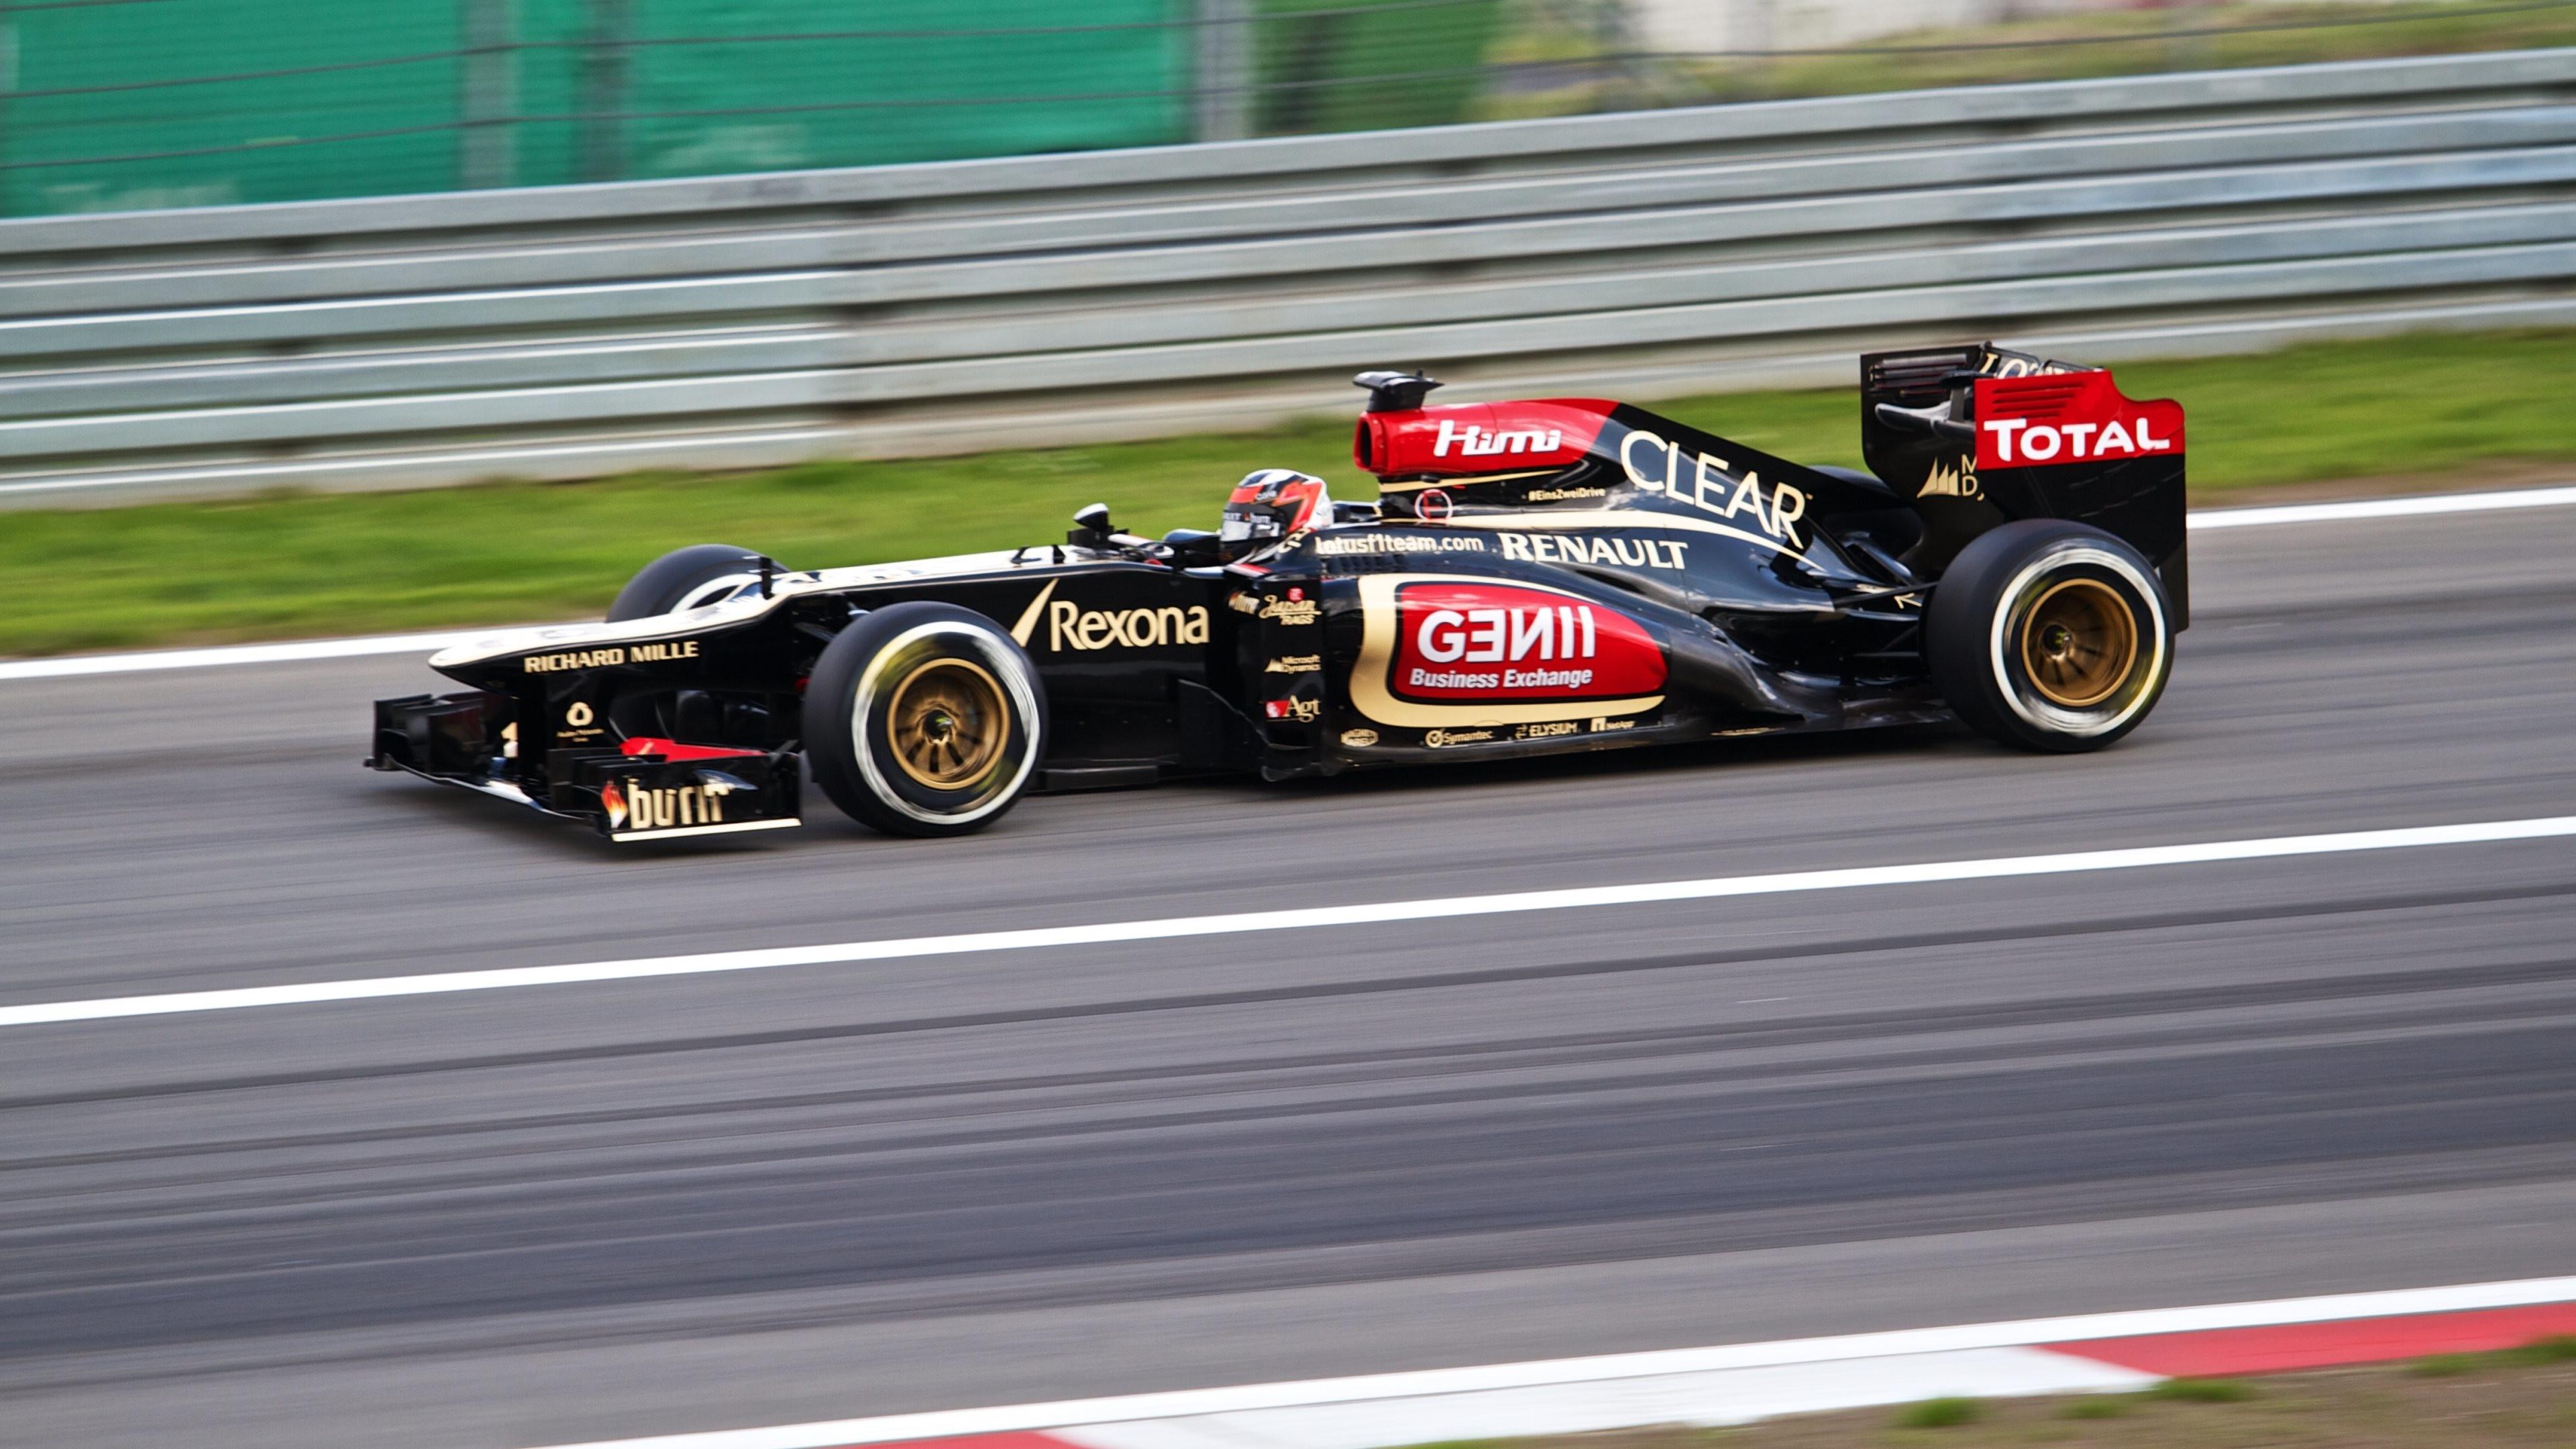 Wallpaper: Formula 1 F1. Ultra HD 4K 3840×2160